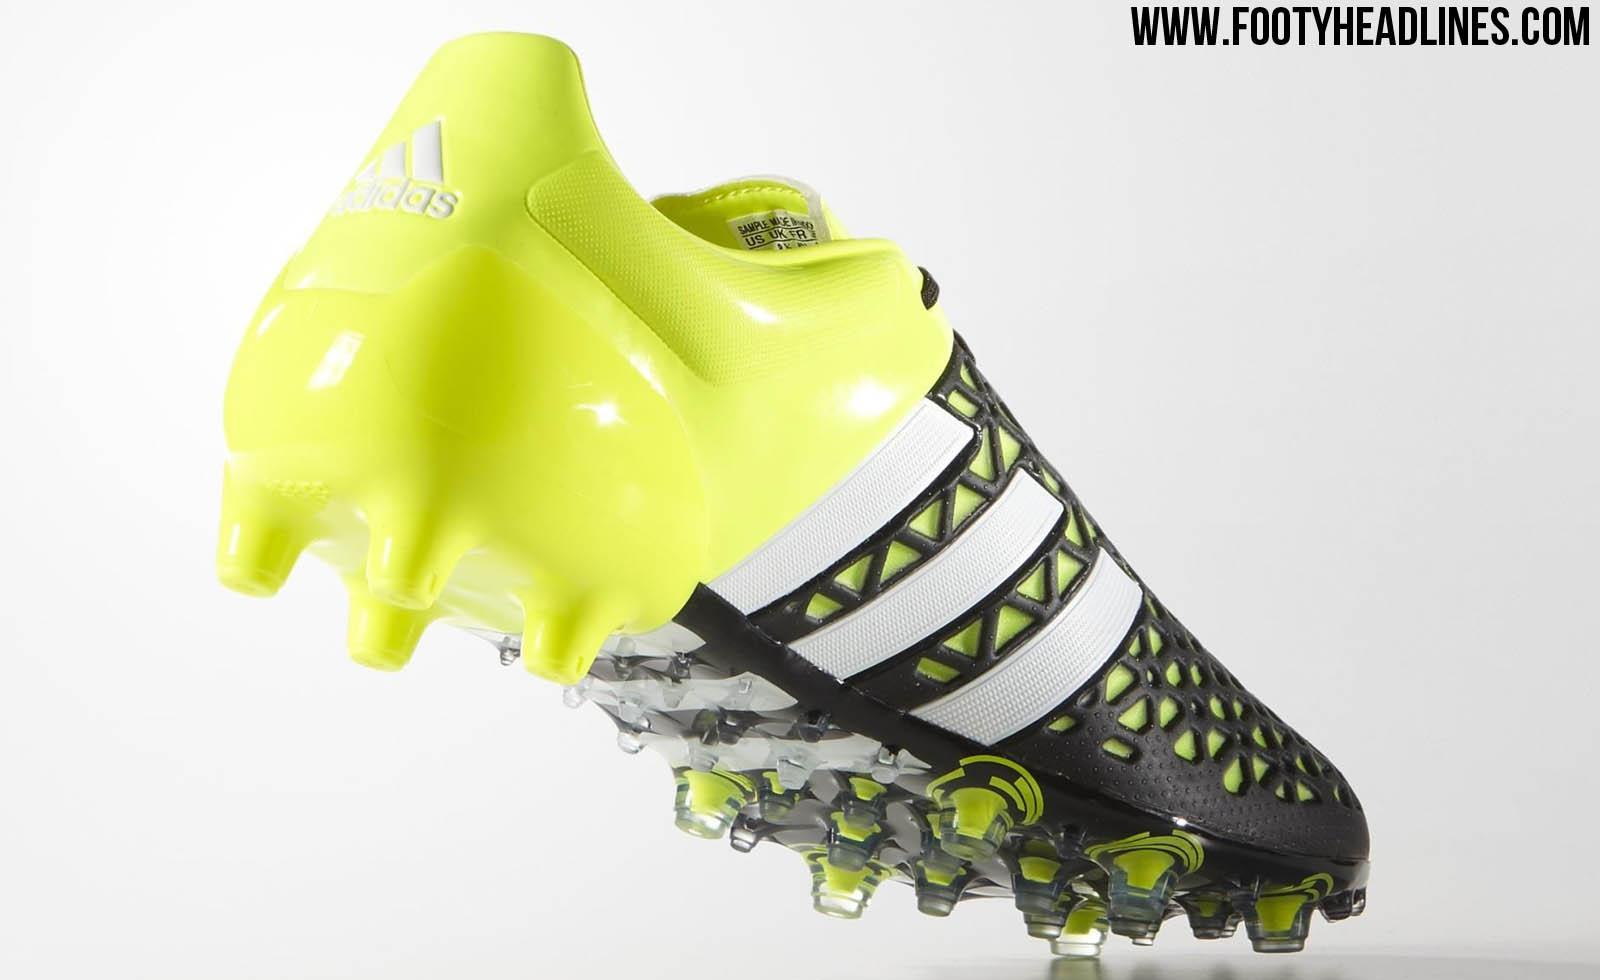 30dd0f5391b6 Adidas Ace 2015-2016 Boots Released - Sports kicks